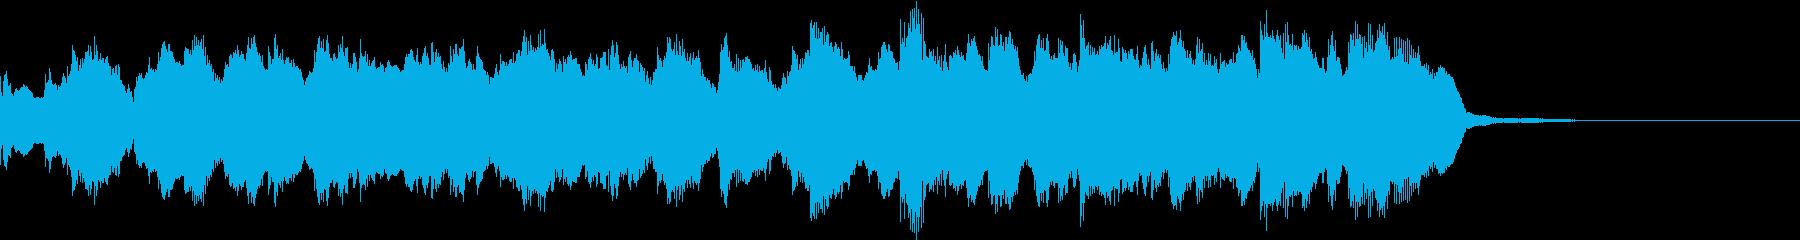 CMに最適、優しい系BGMの再生済みの波形